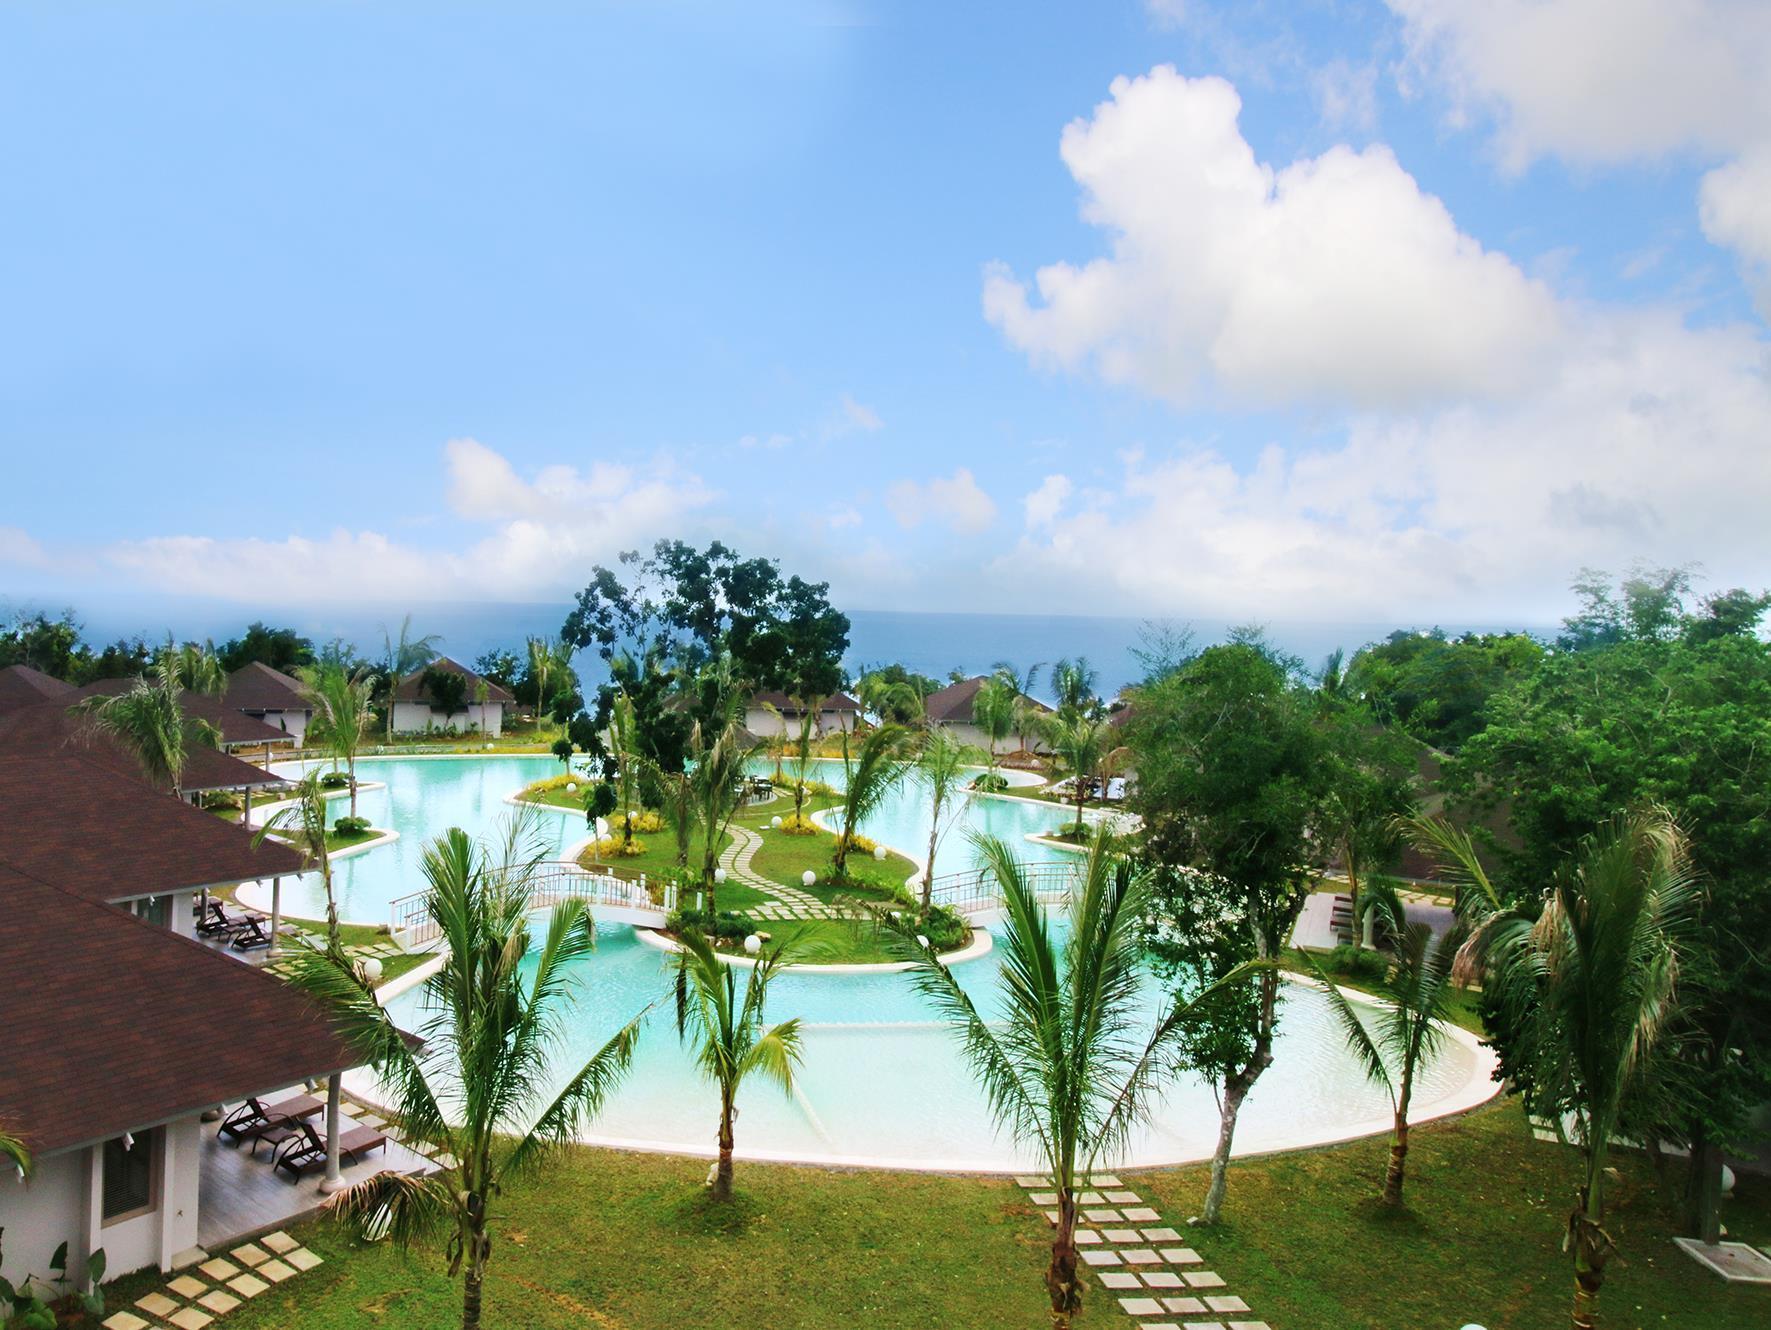 Bohol Shores79